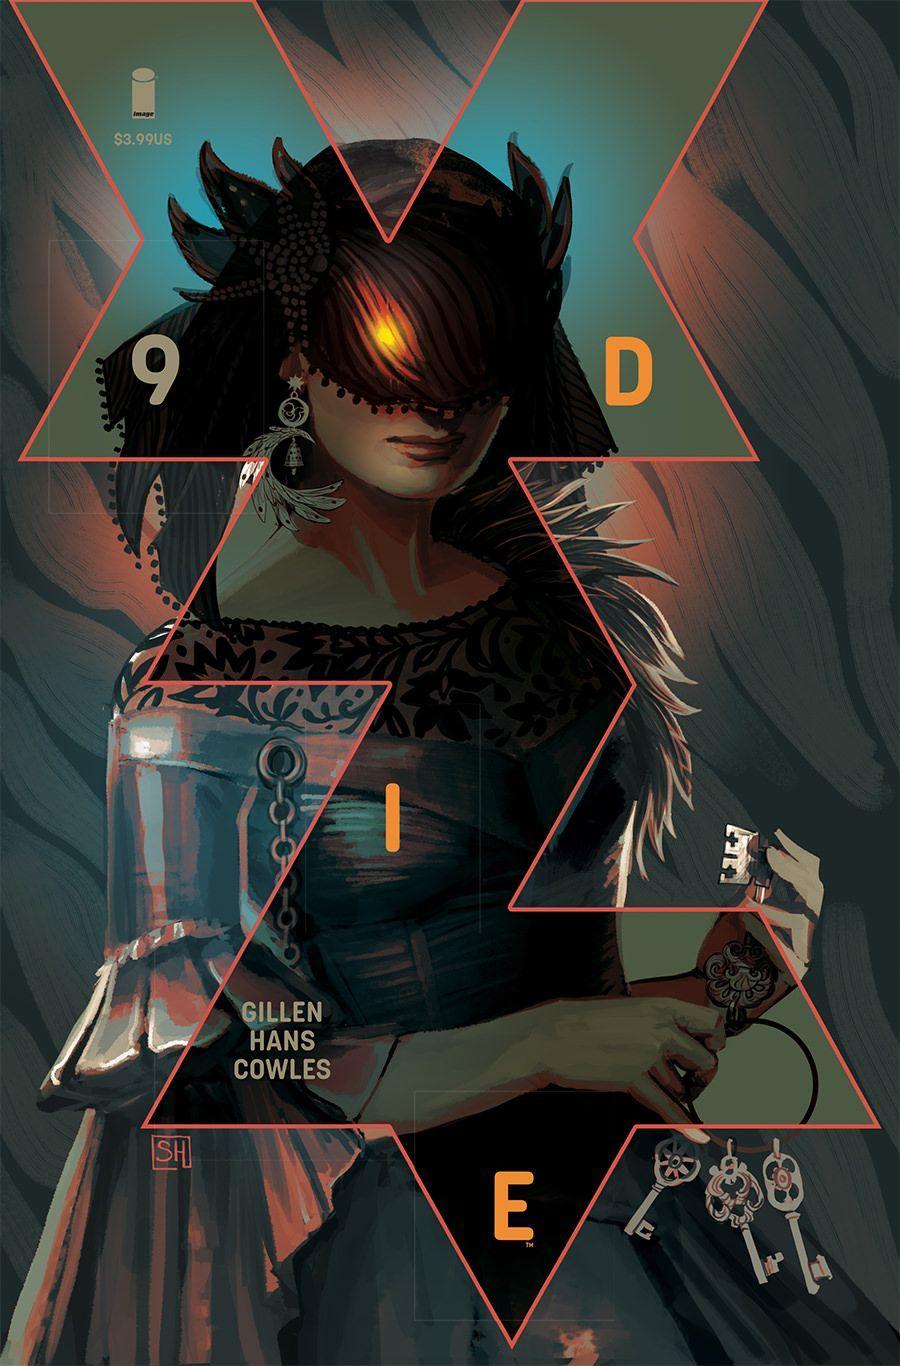 Die #9 Cover